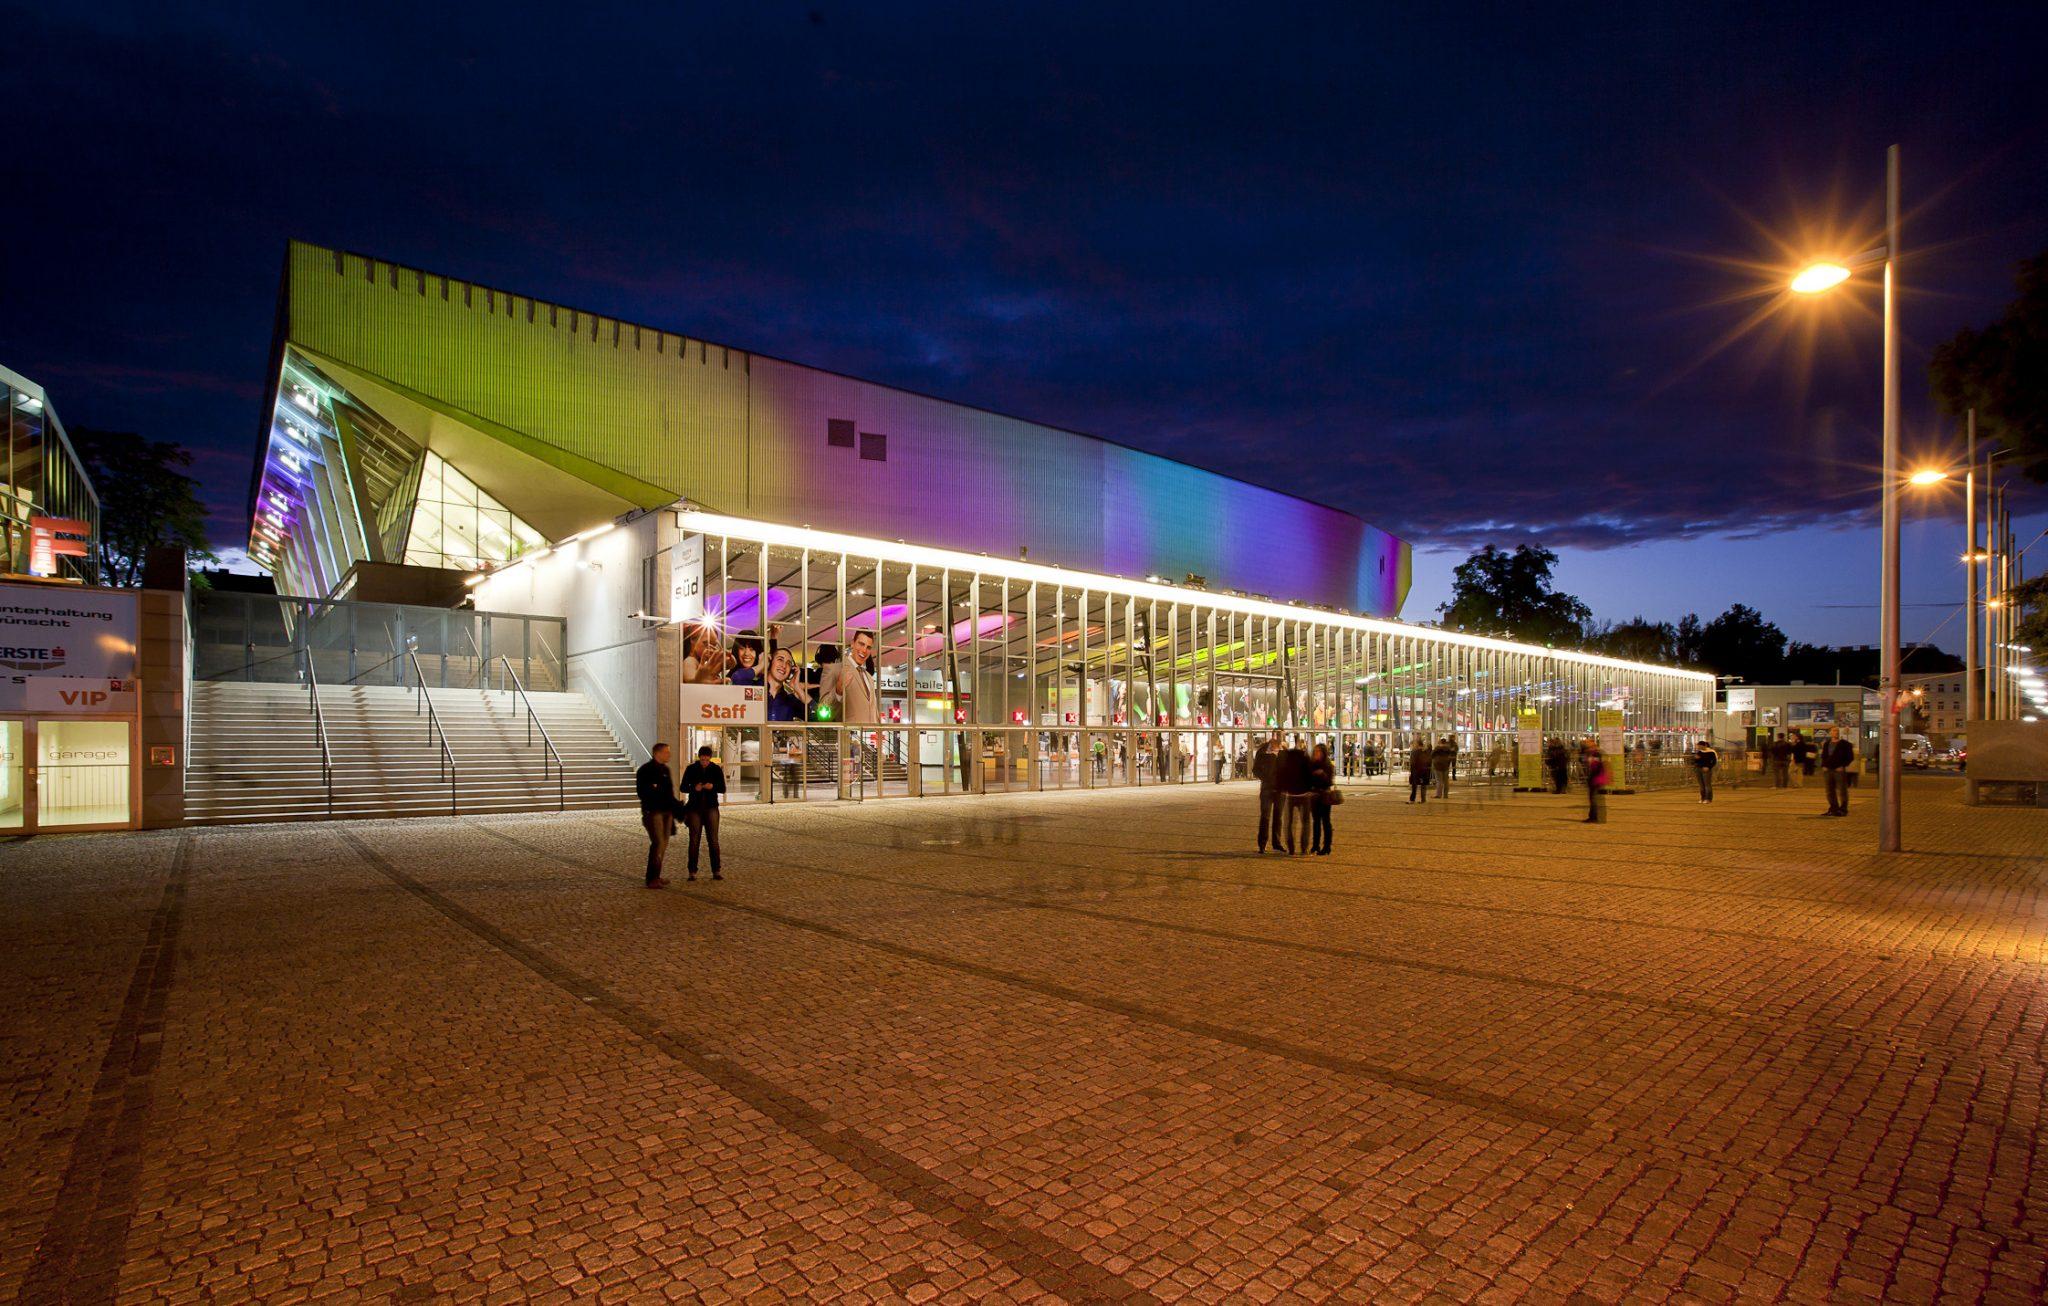 2015: Wiener Stadthalle, Avusturya Kapasite: 16000 Açılış: 1958